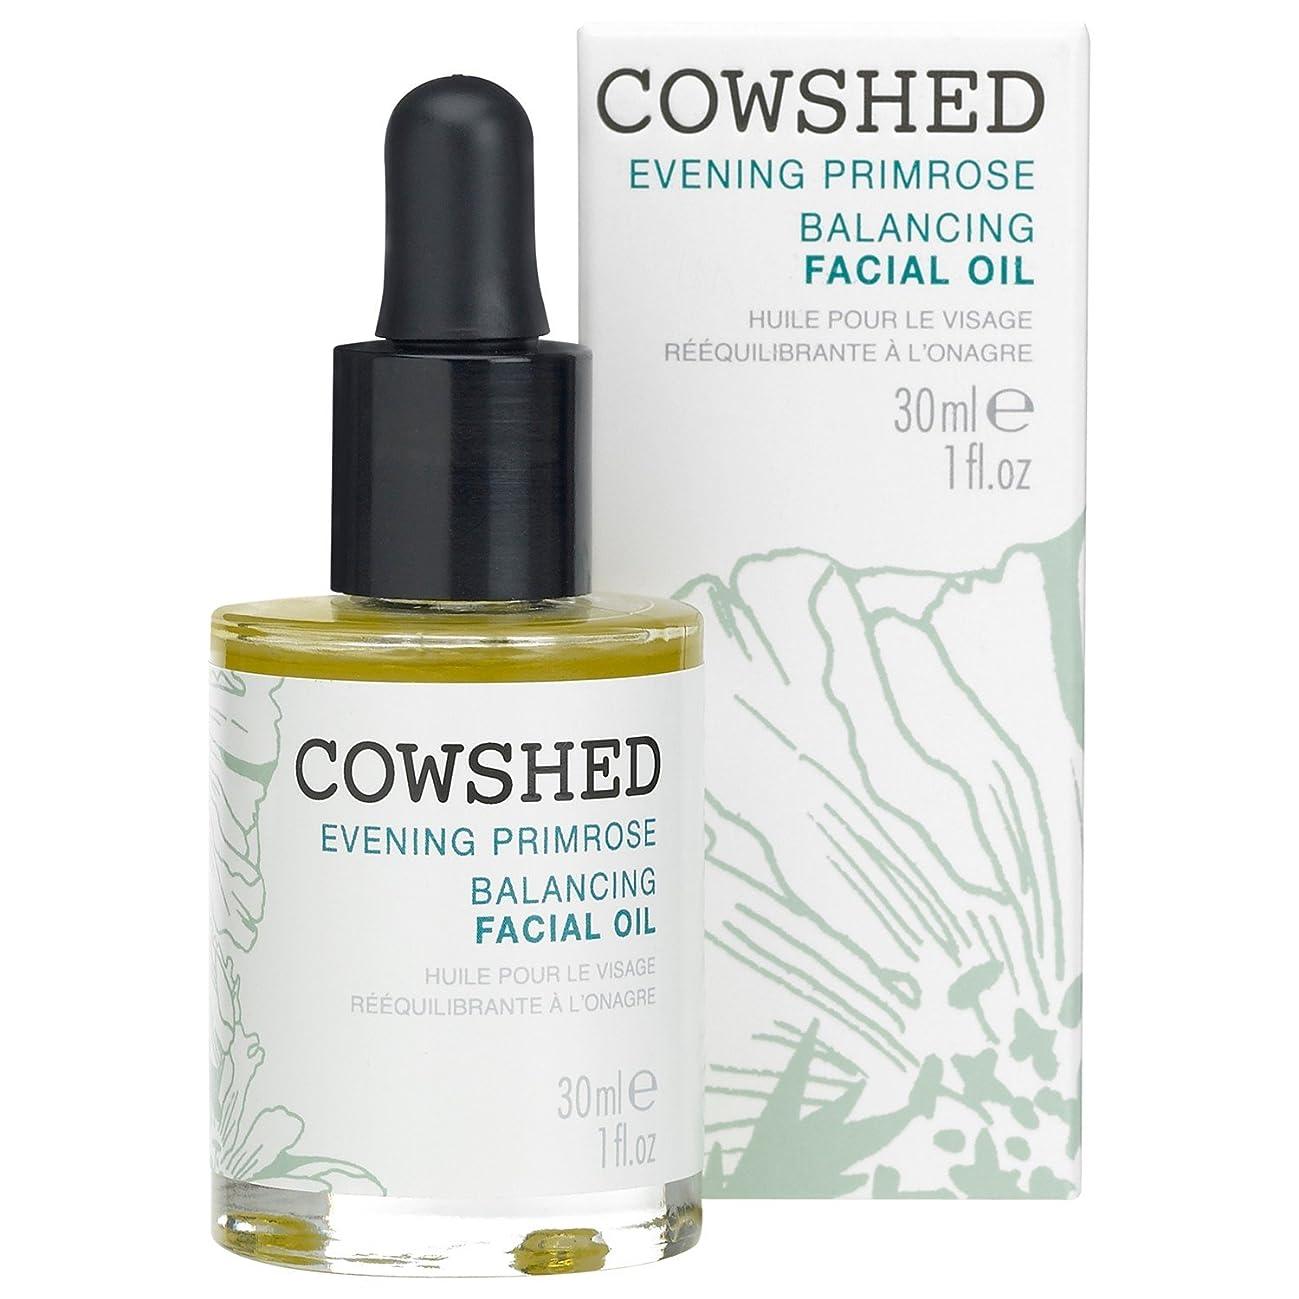 接地フレッシュ独裁フェイシャルオイル30ミリリットルをバランス牛舎月見草 (Cowshed) (x2) - Cowshed Evening Primrose Balancing Facial Oil 30ml (Pack of 2) [並行輸入品]